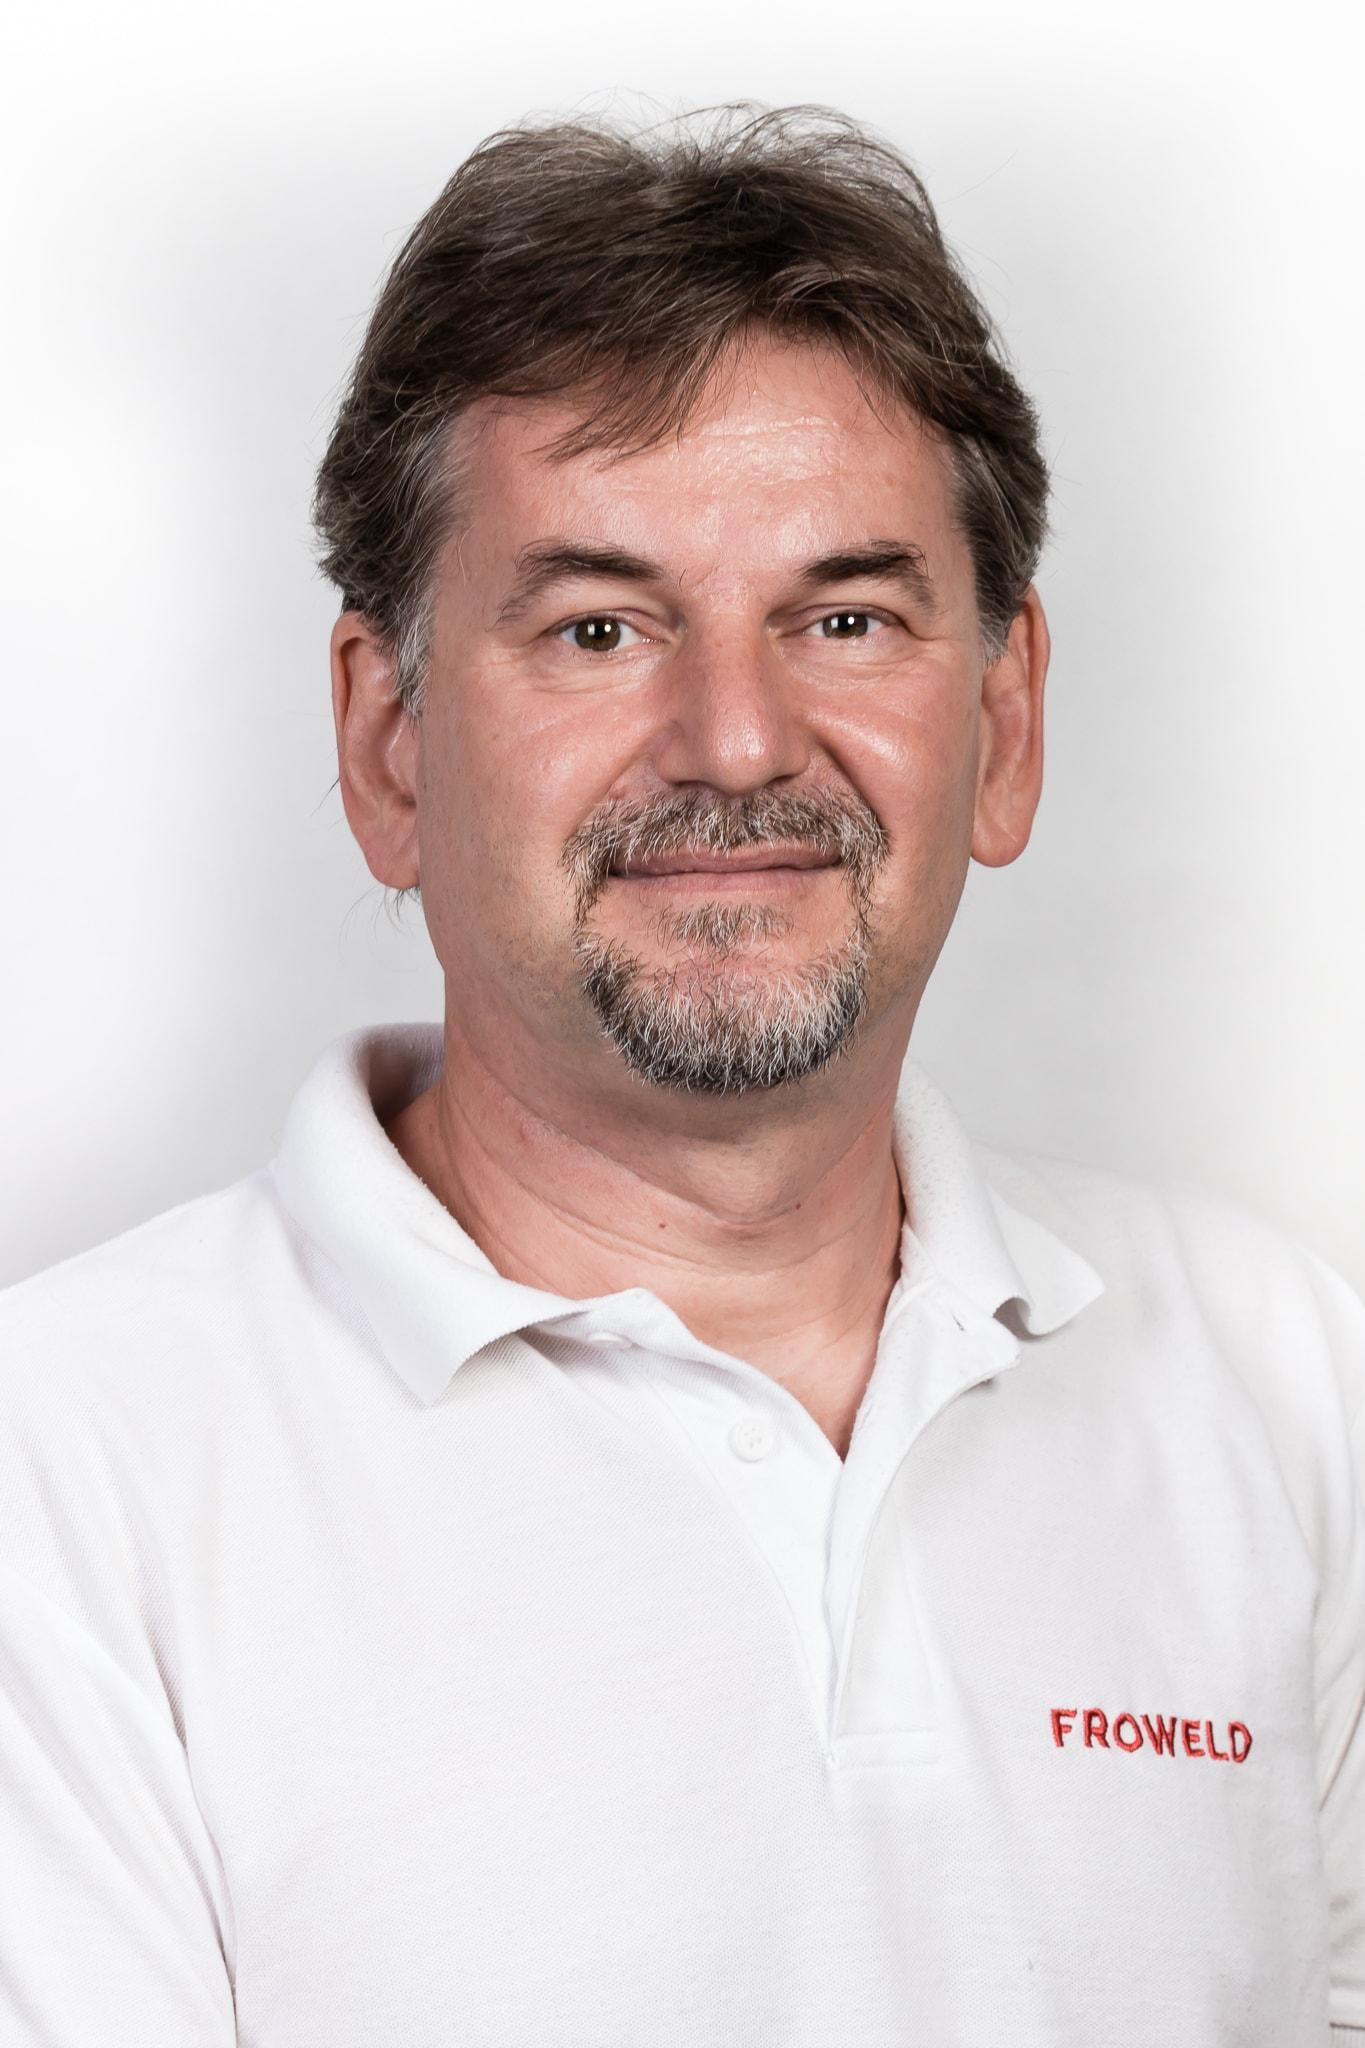 Tomik Zoltan Froweld